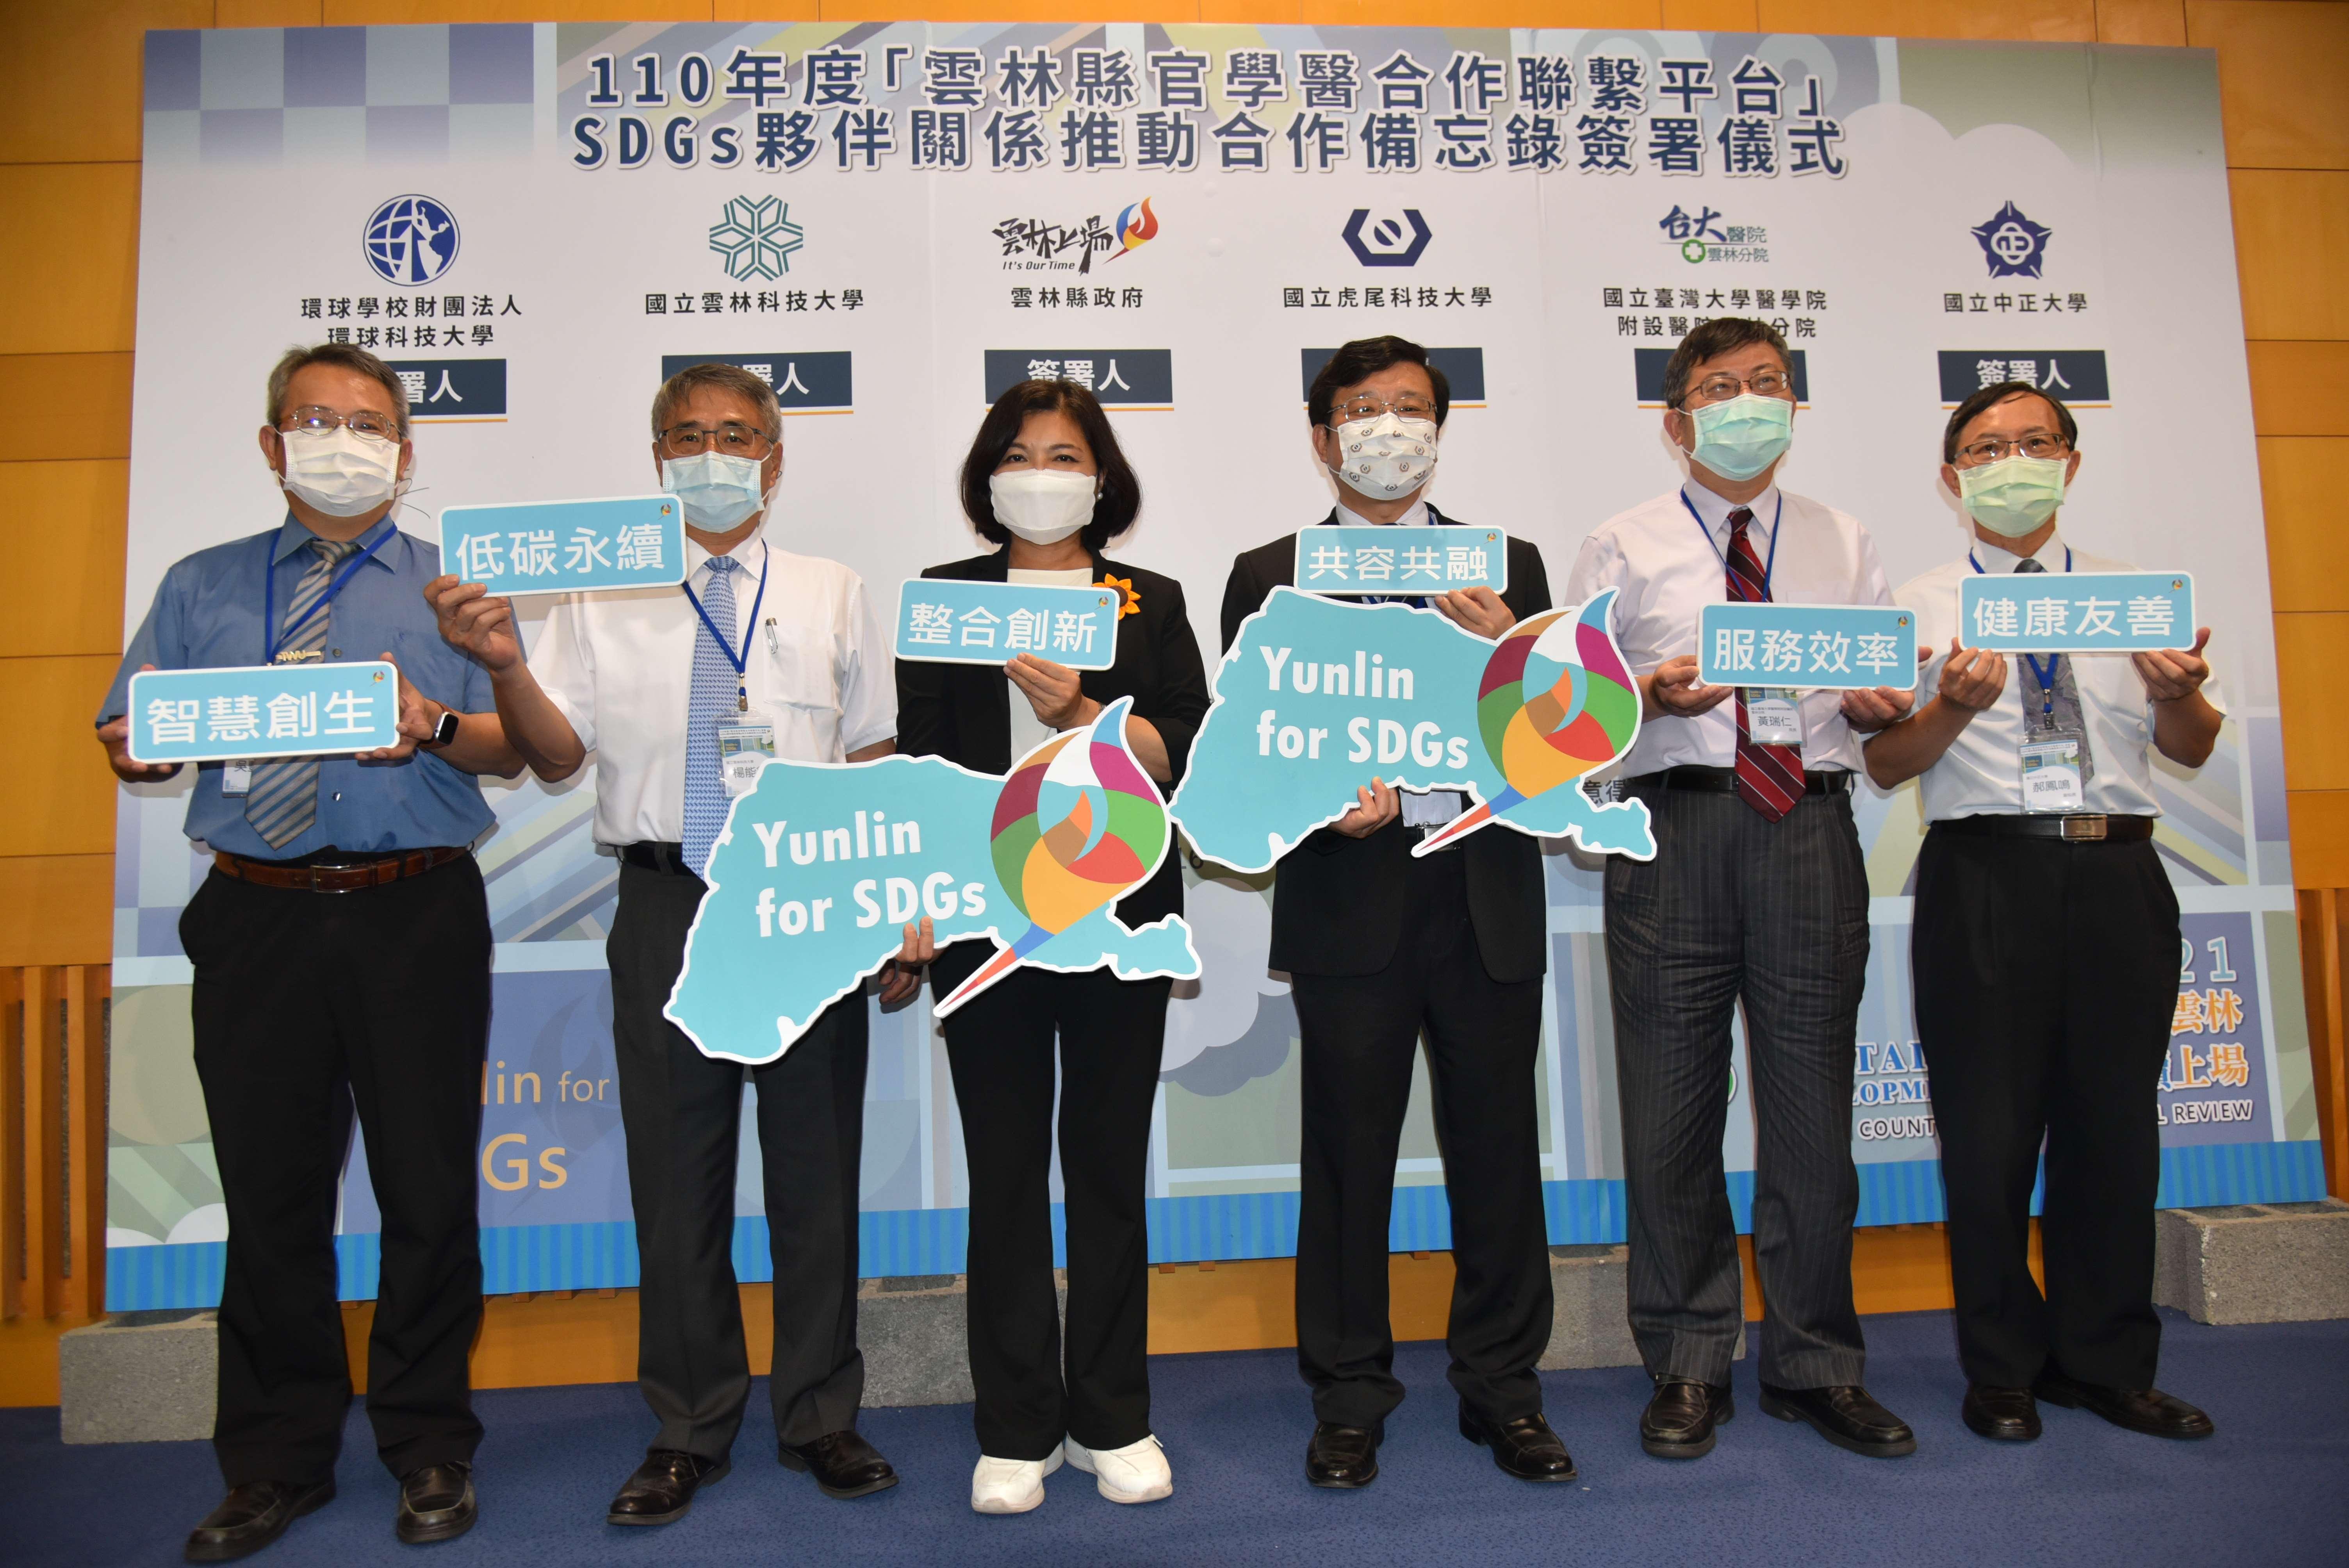 雲林SDGs官學醫合作備忘錄簽署 聯手推動永續、健康、綠色三大亮點